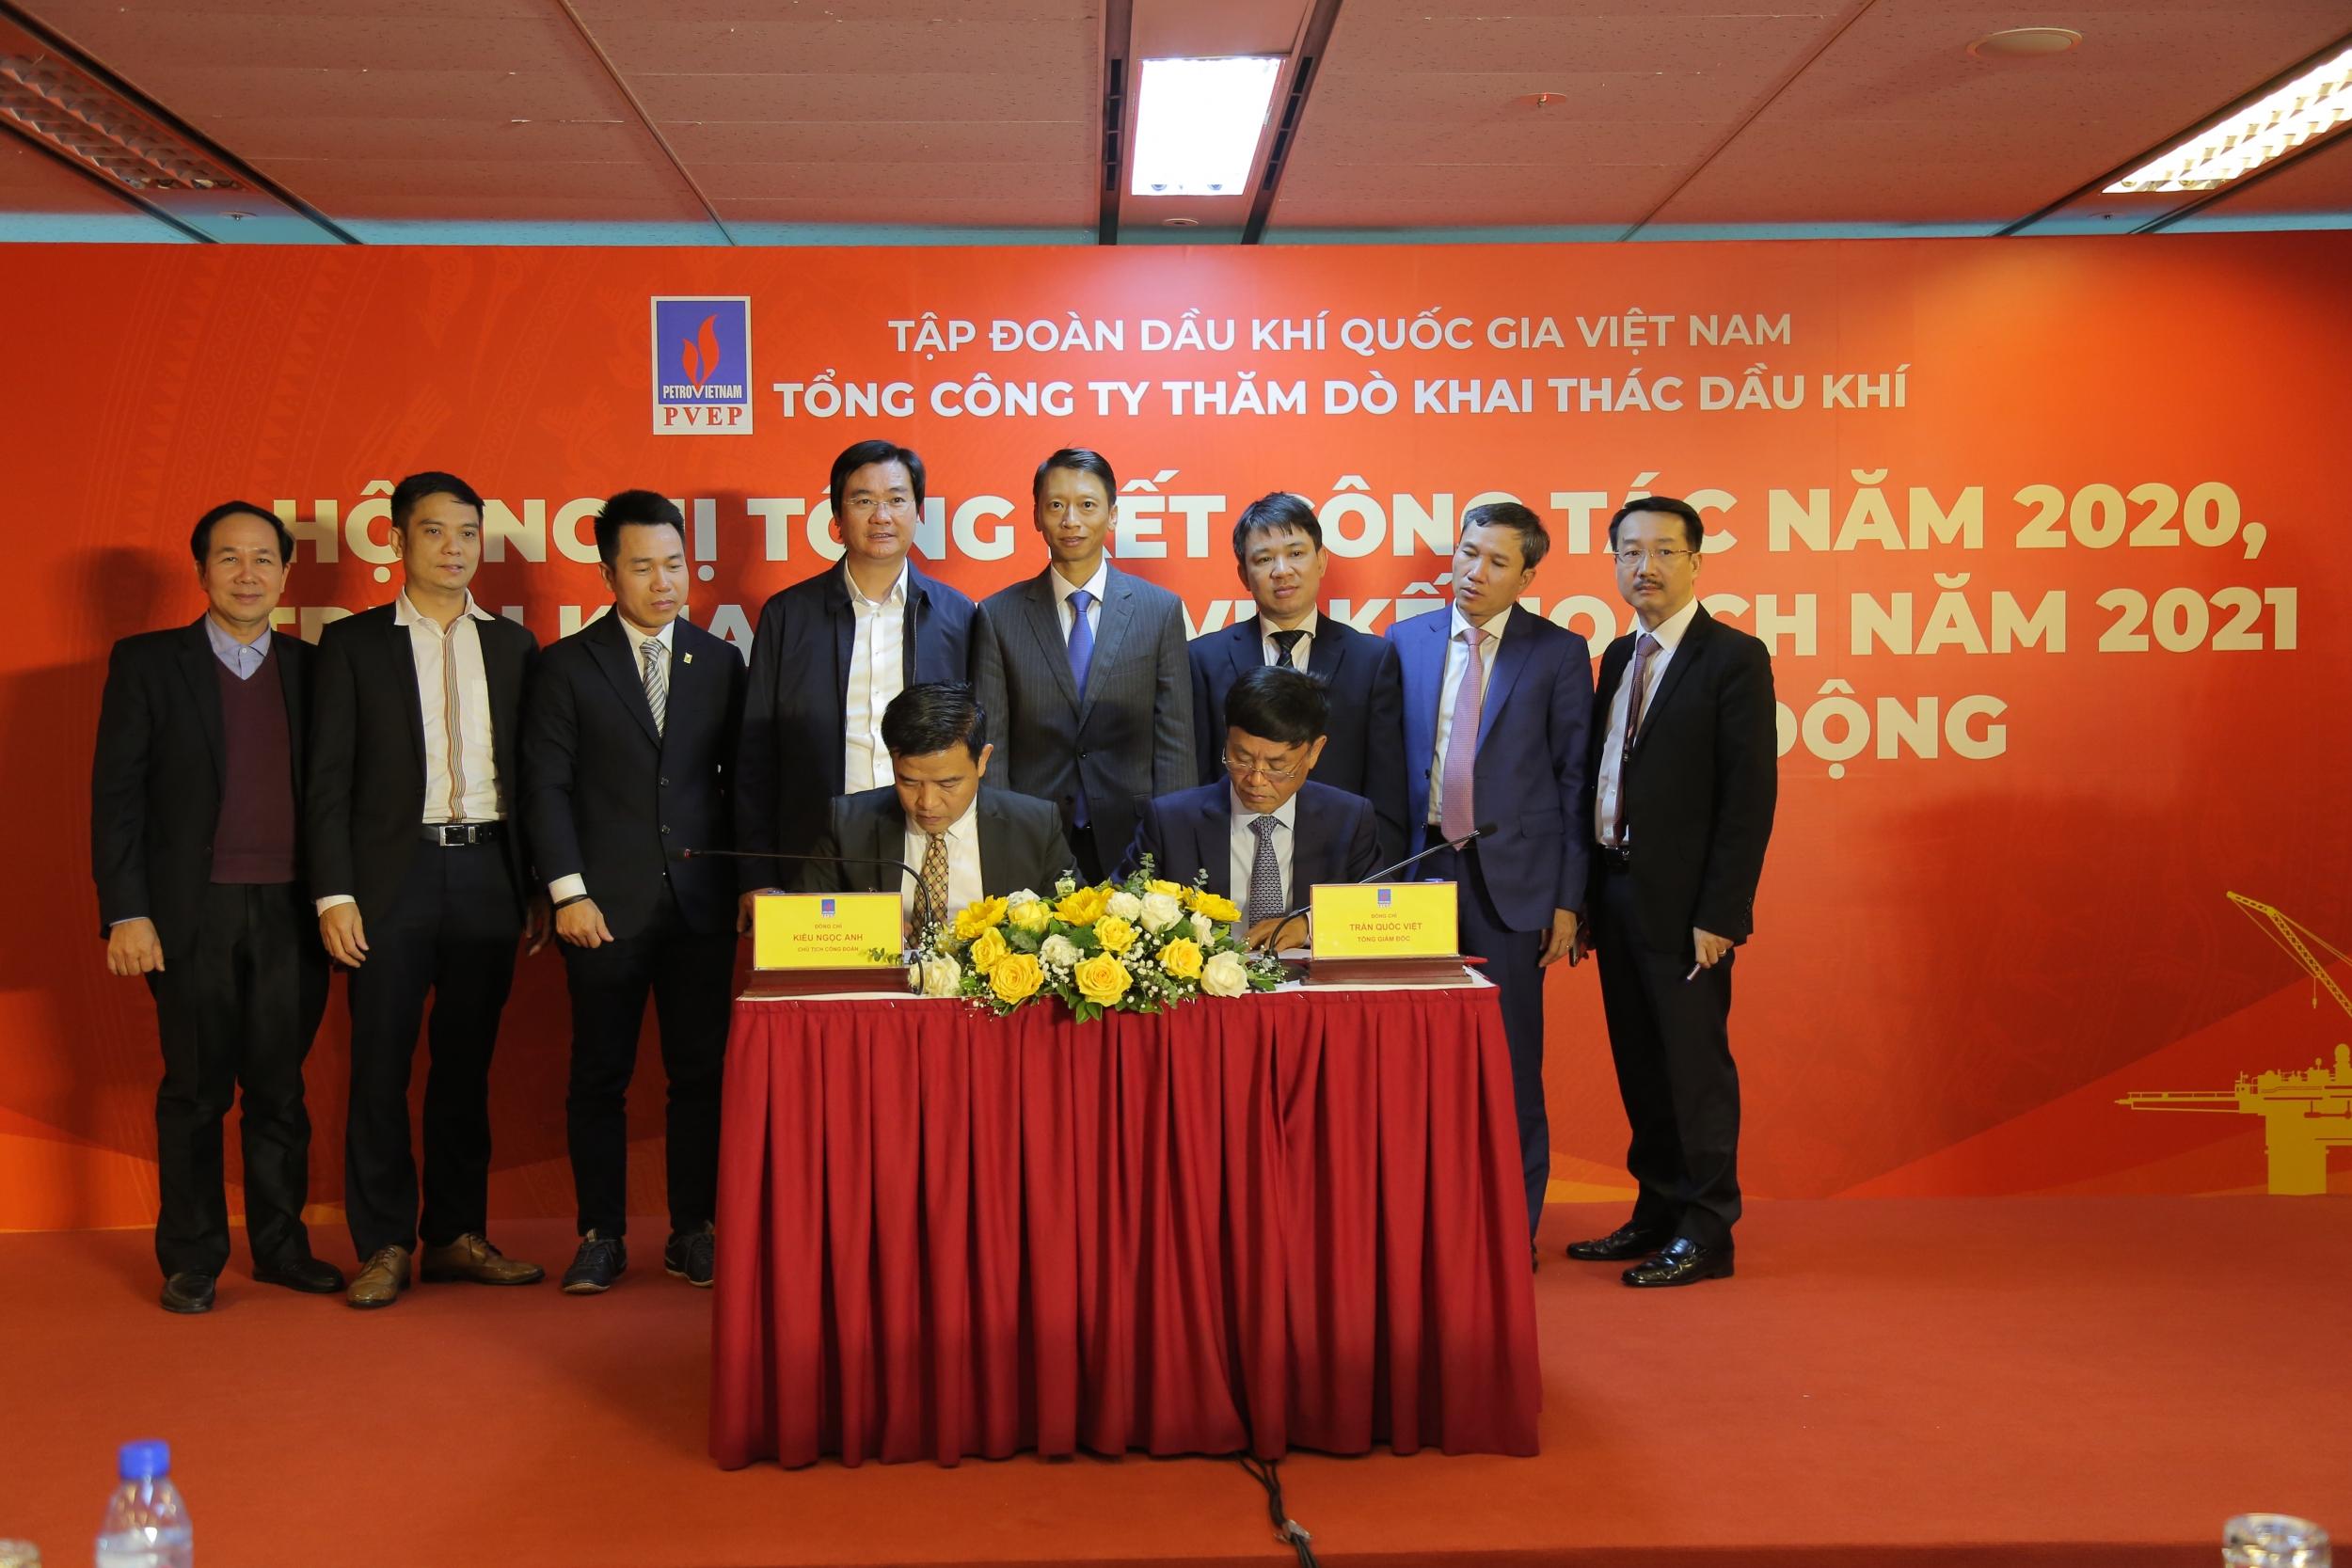 PVEP tổng kết hoạt động sản xuất kinh doanh năm 2020